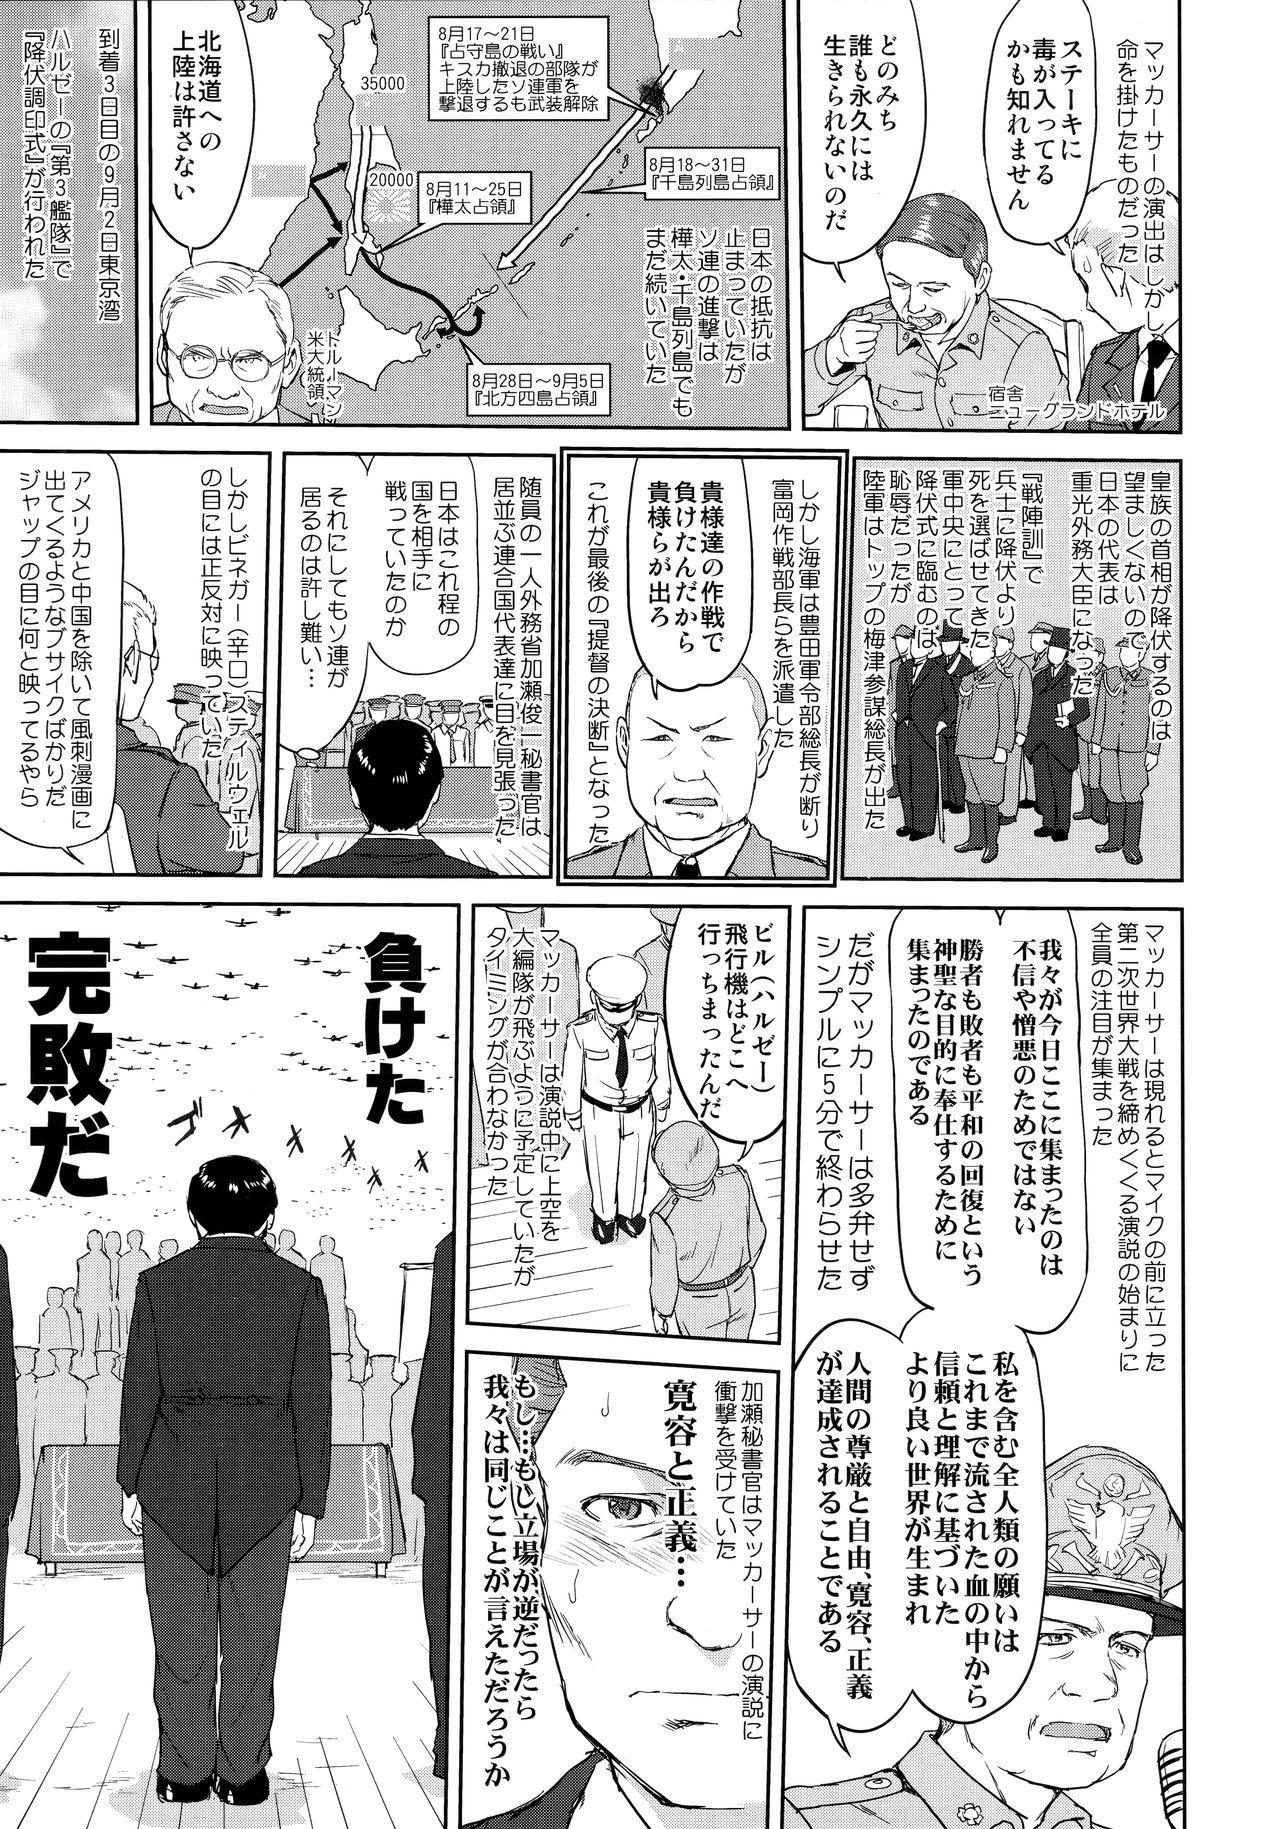 Teitoku no Ketsudan Kanmusu no Ichiban Nagai Hi 51